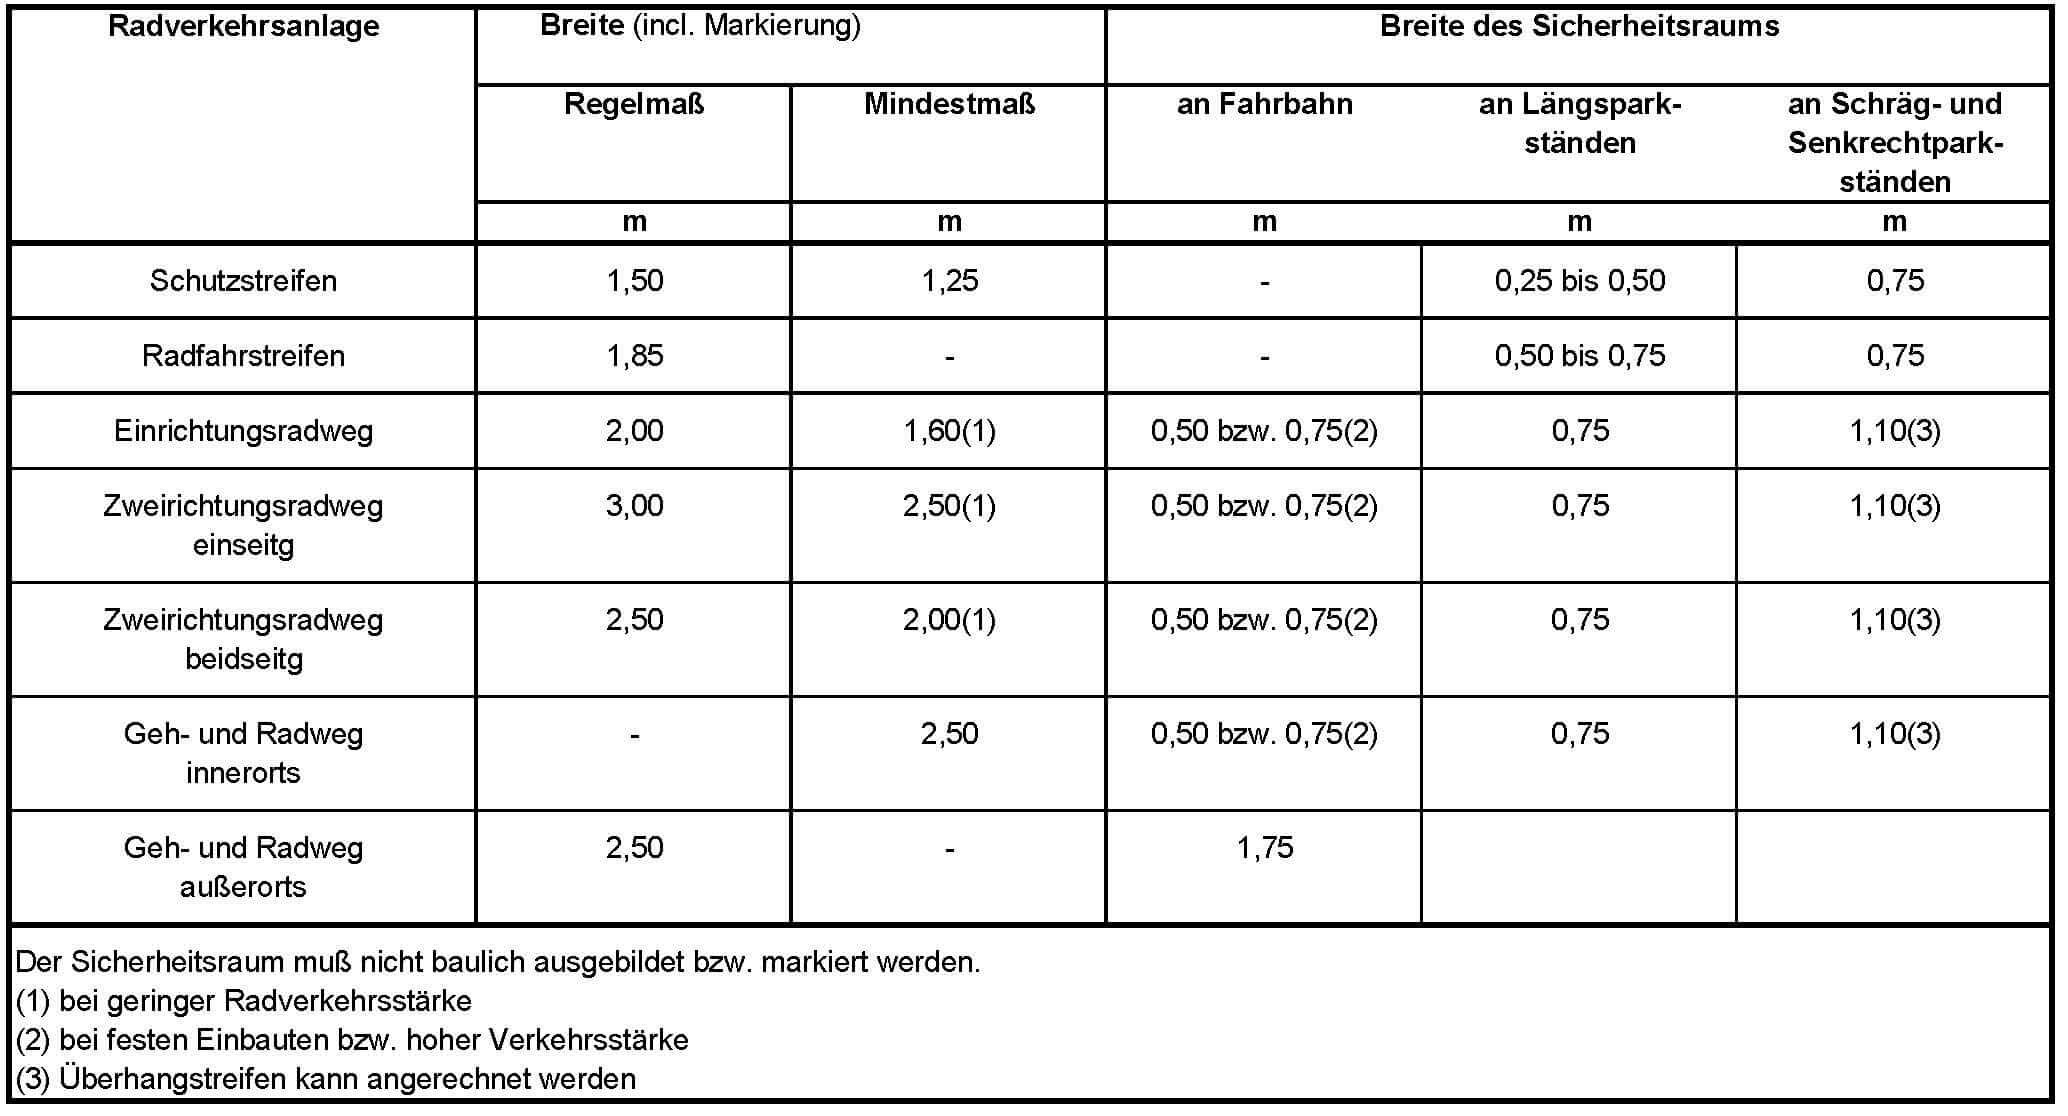 Radverkehrsanlagen-Breitenanforderungen-Forum-Verlag-Herkert-GmbH